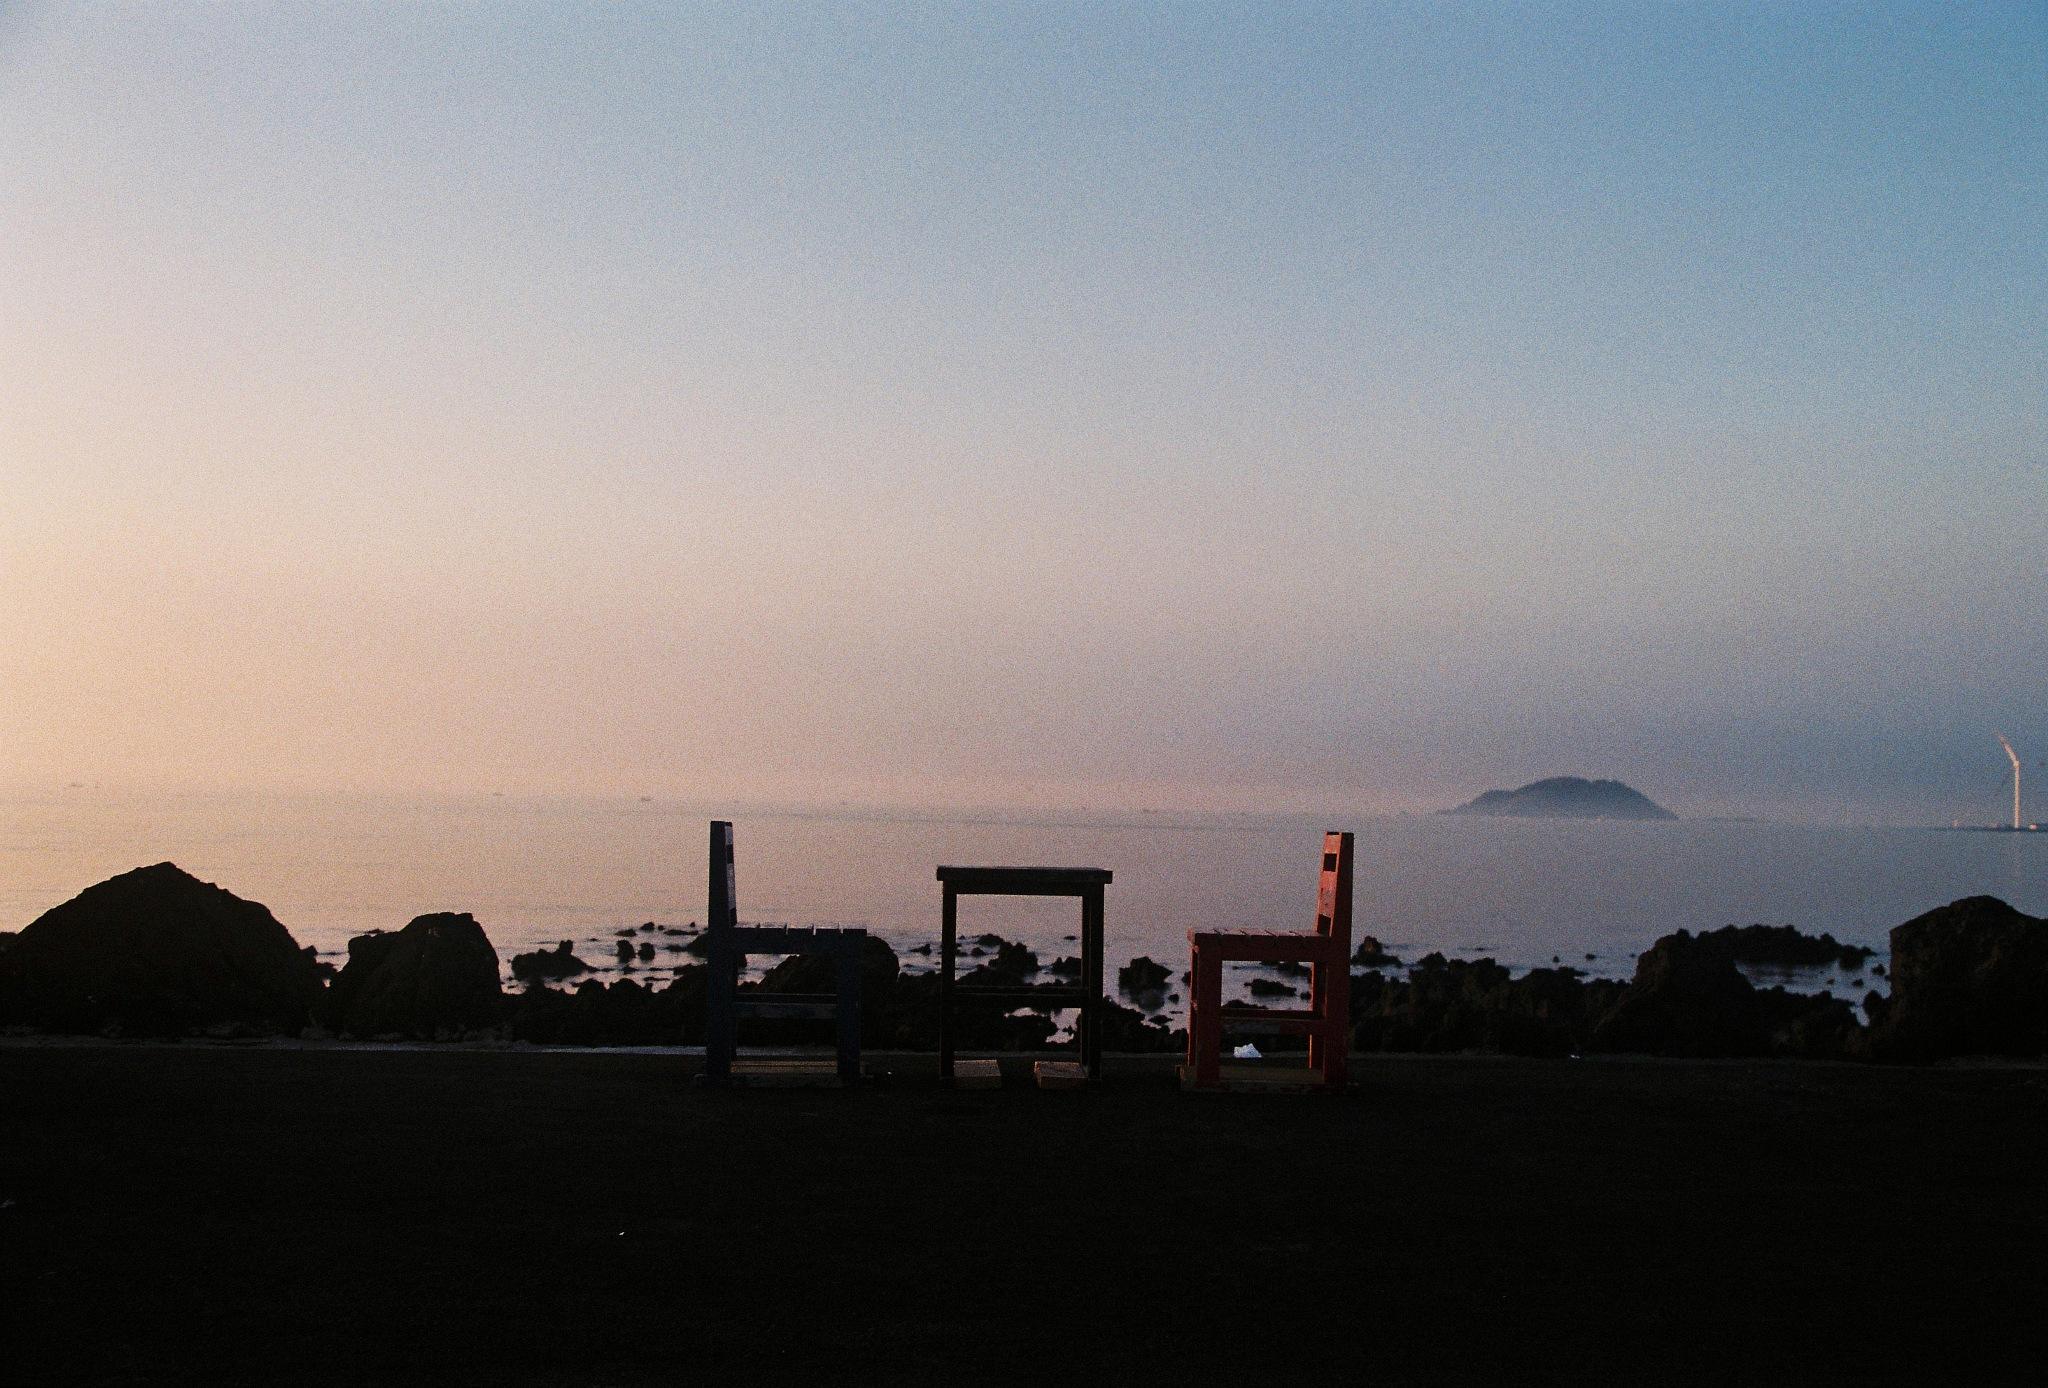 sunset by SEOKHO YOON